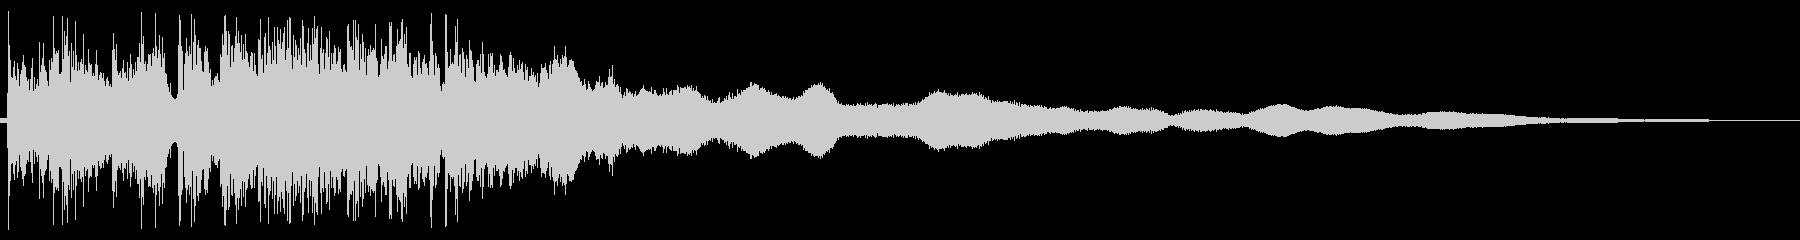 剣を鞘にしまう(カチーンと余韻が残る)の未再生の波形